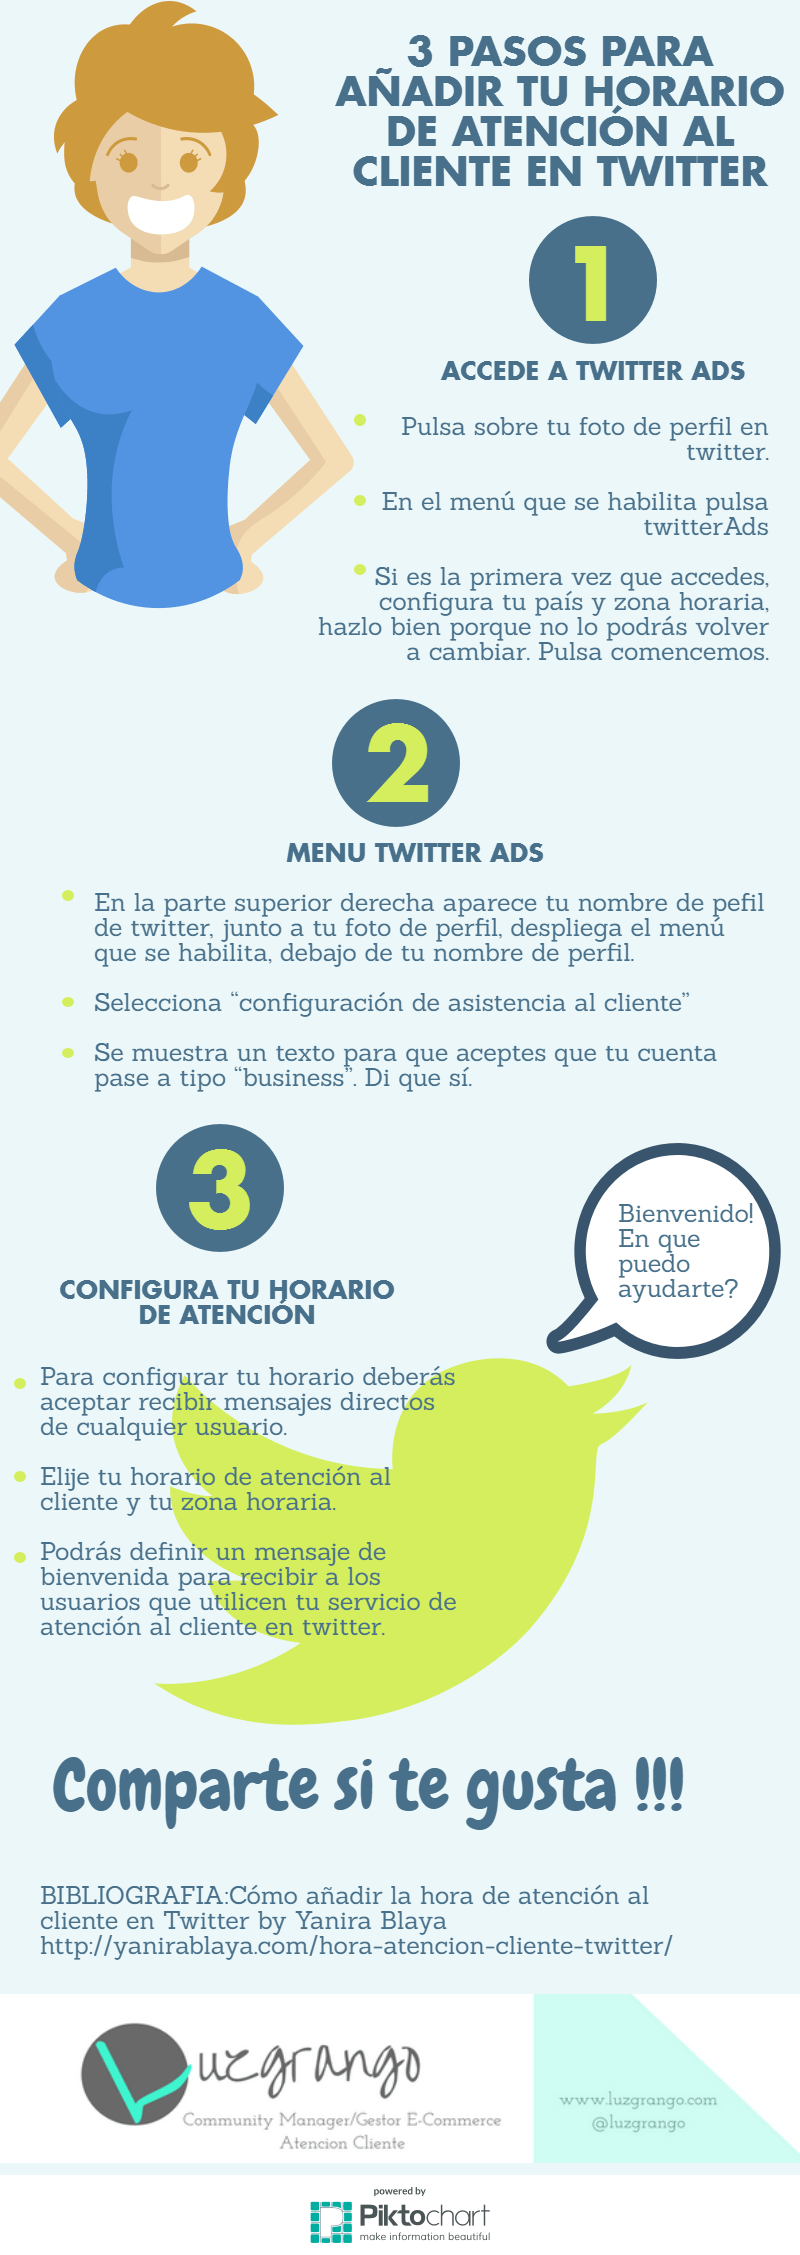 3 Pasos para añadir tu horario de atención al cliente en Twitter